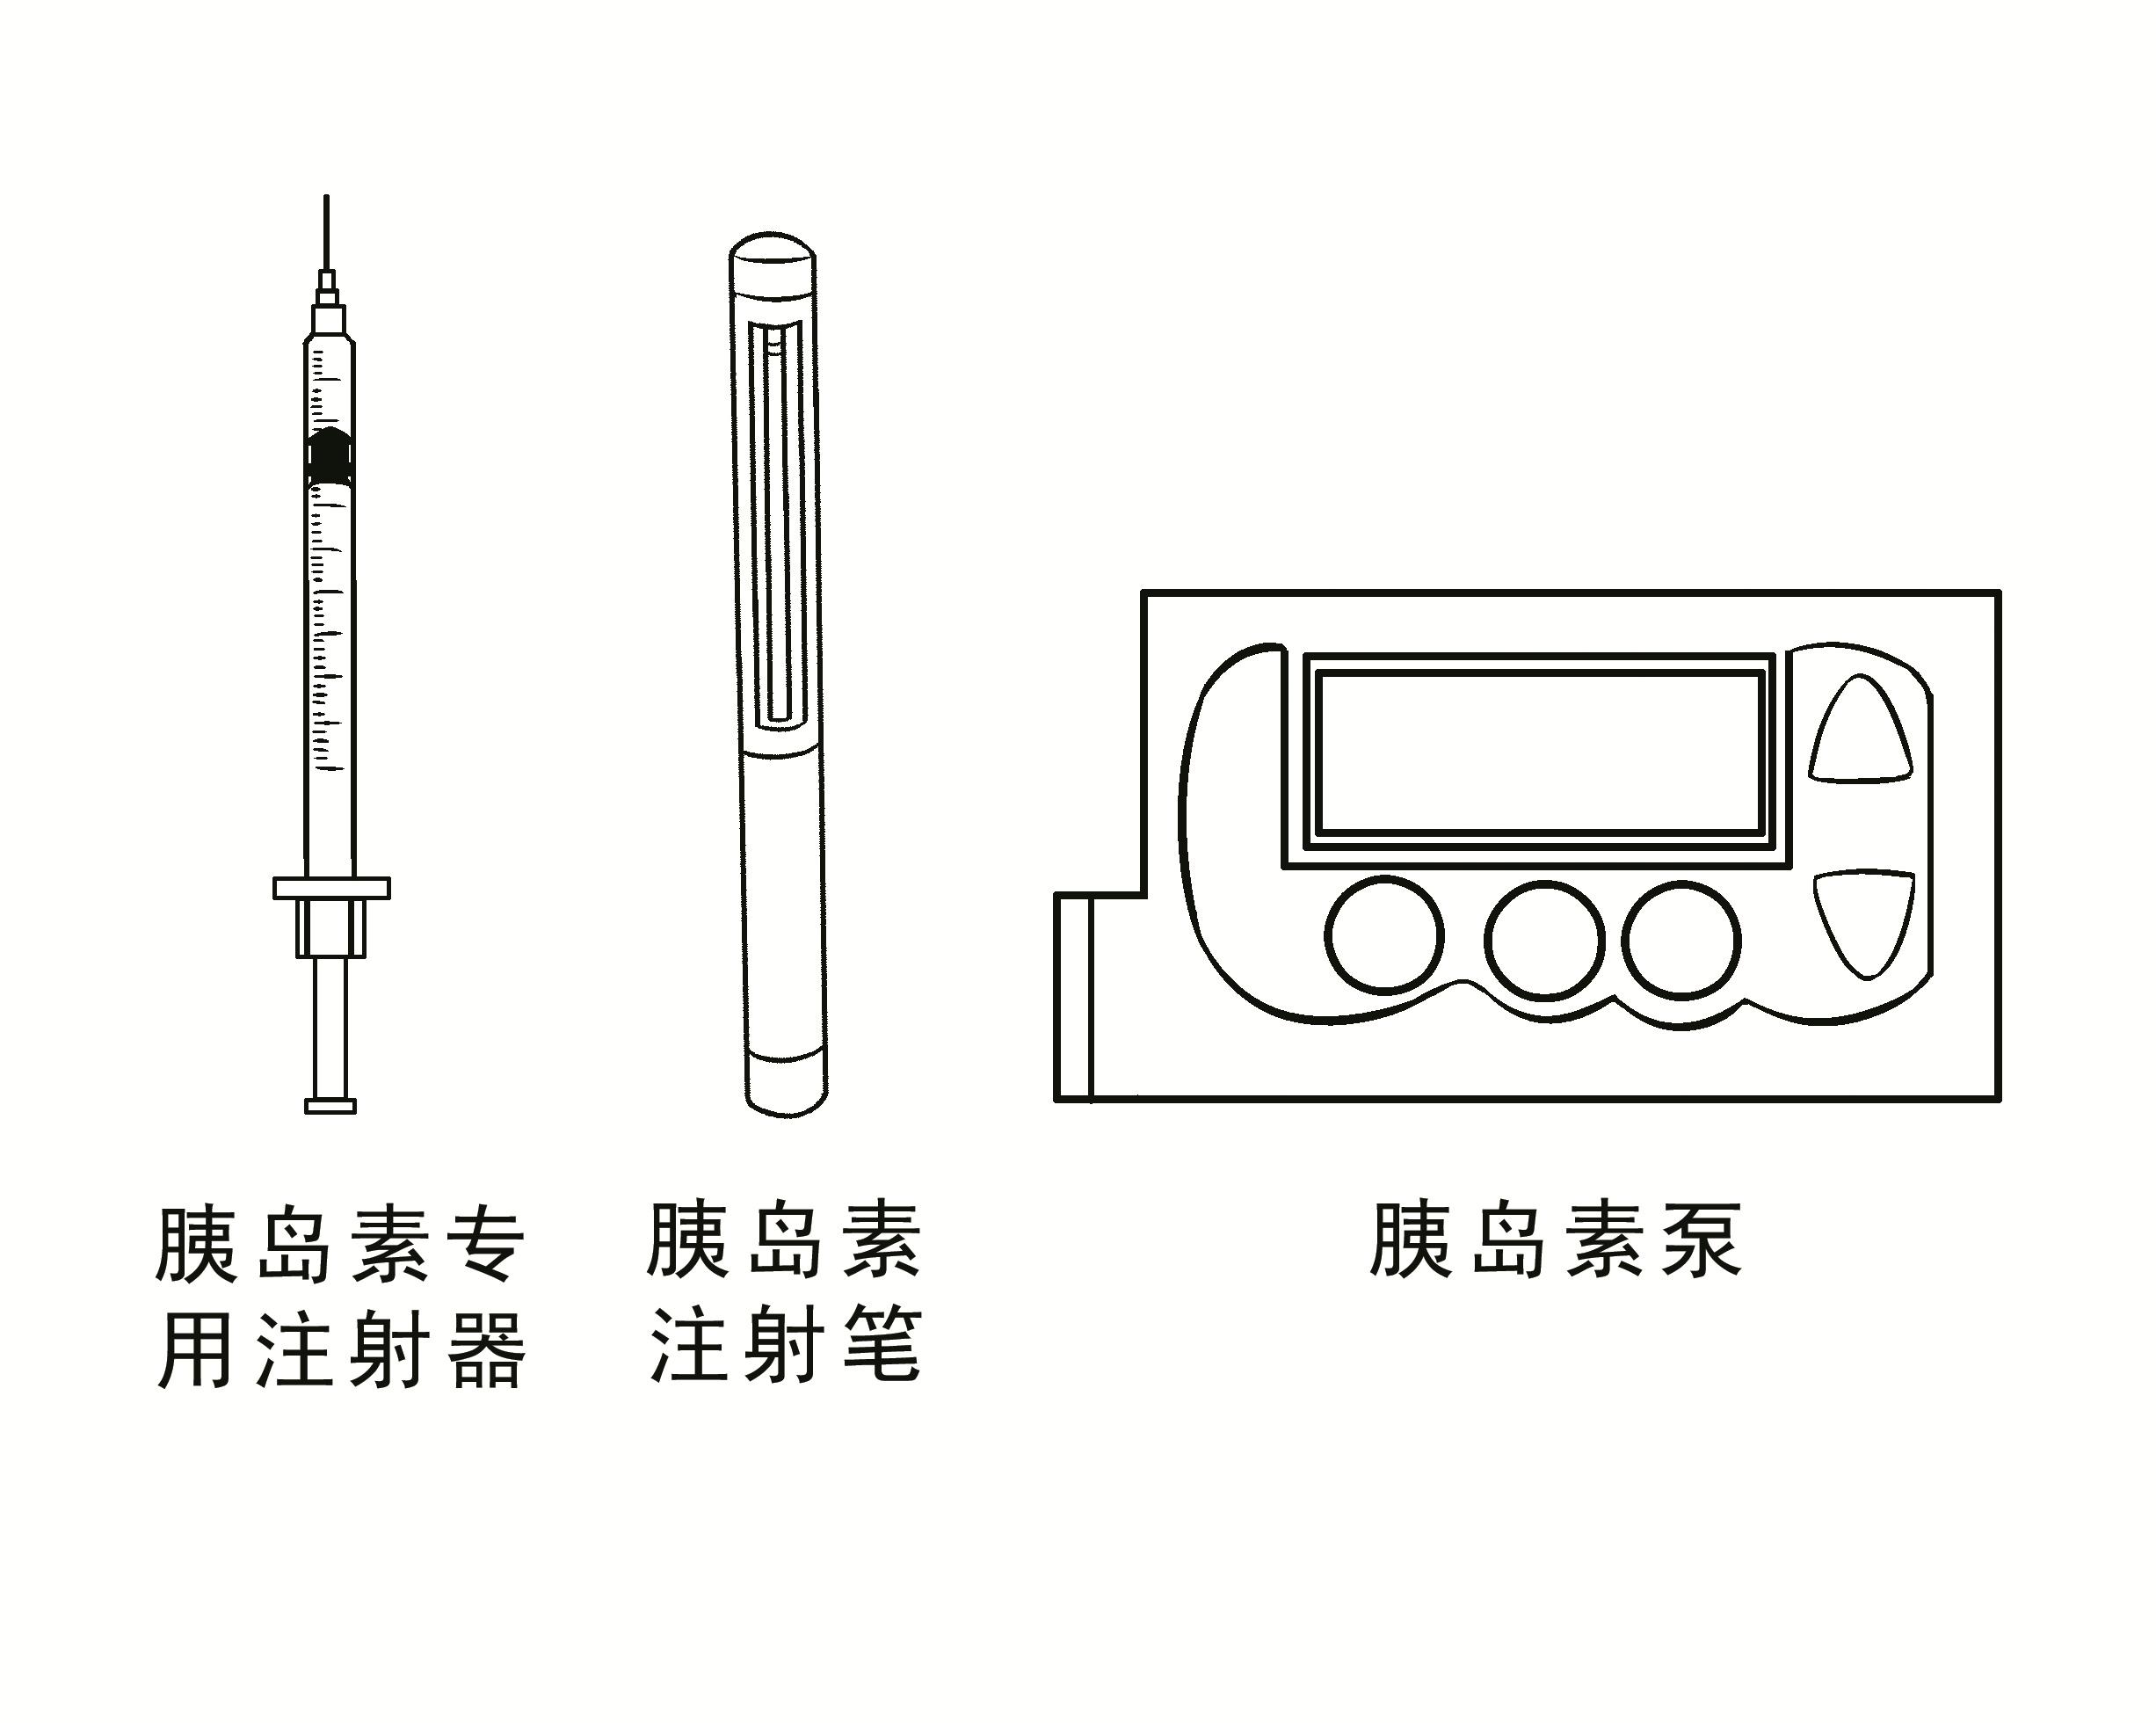 胰岛素的注射器分哪几类